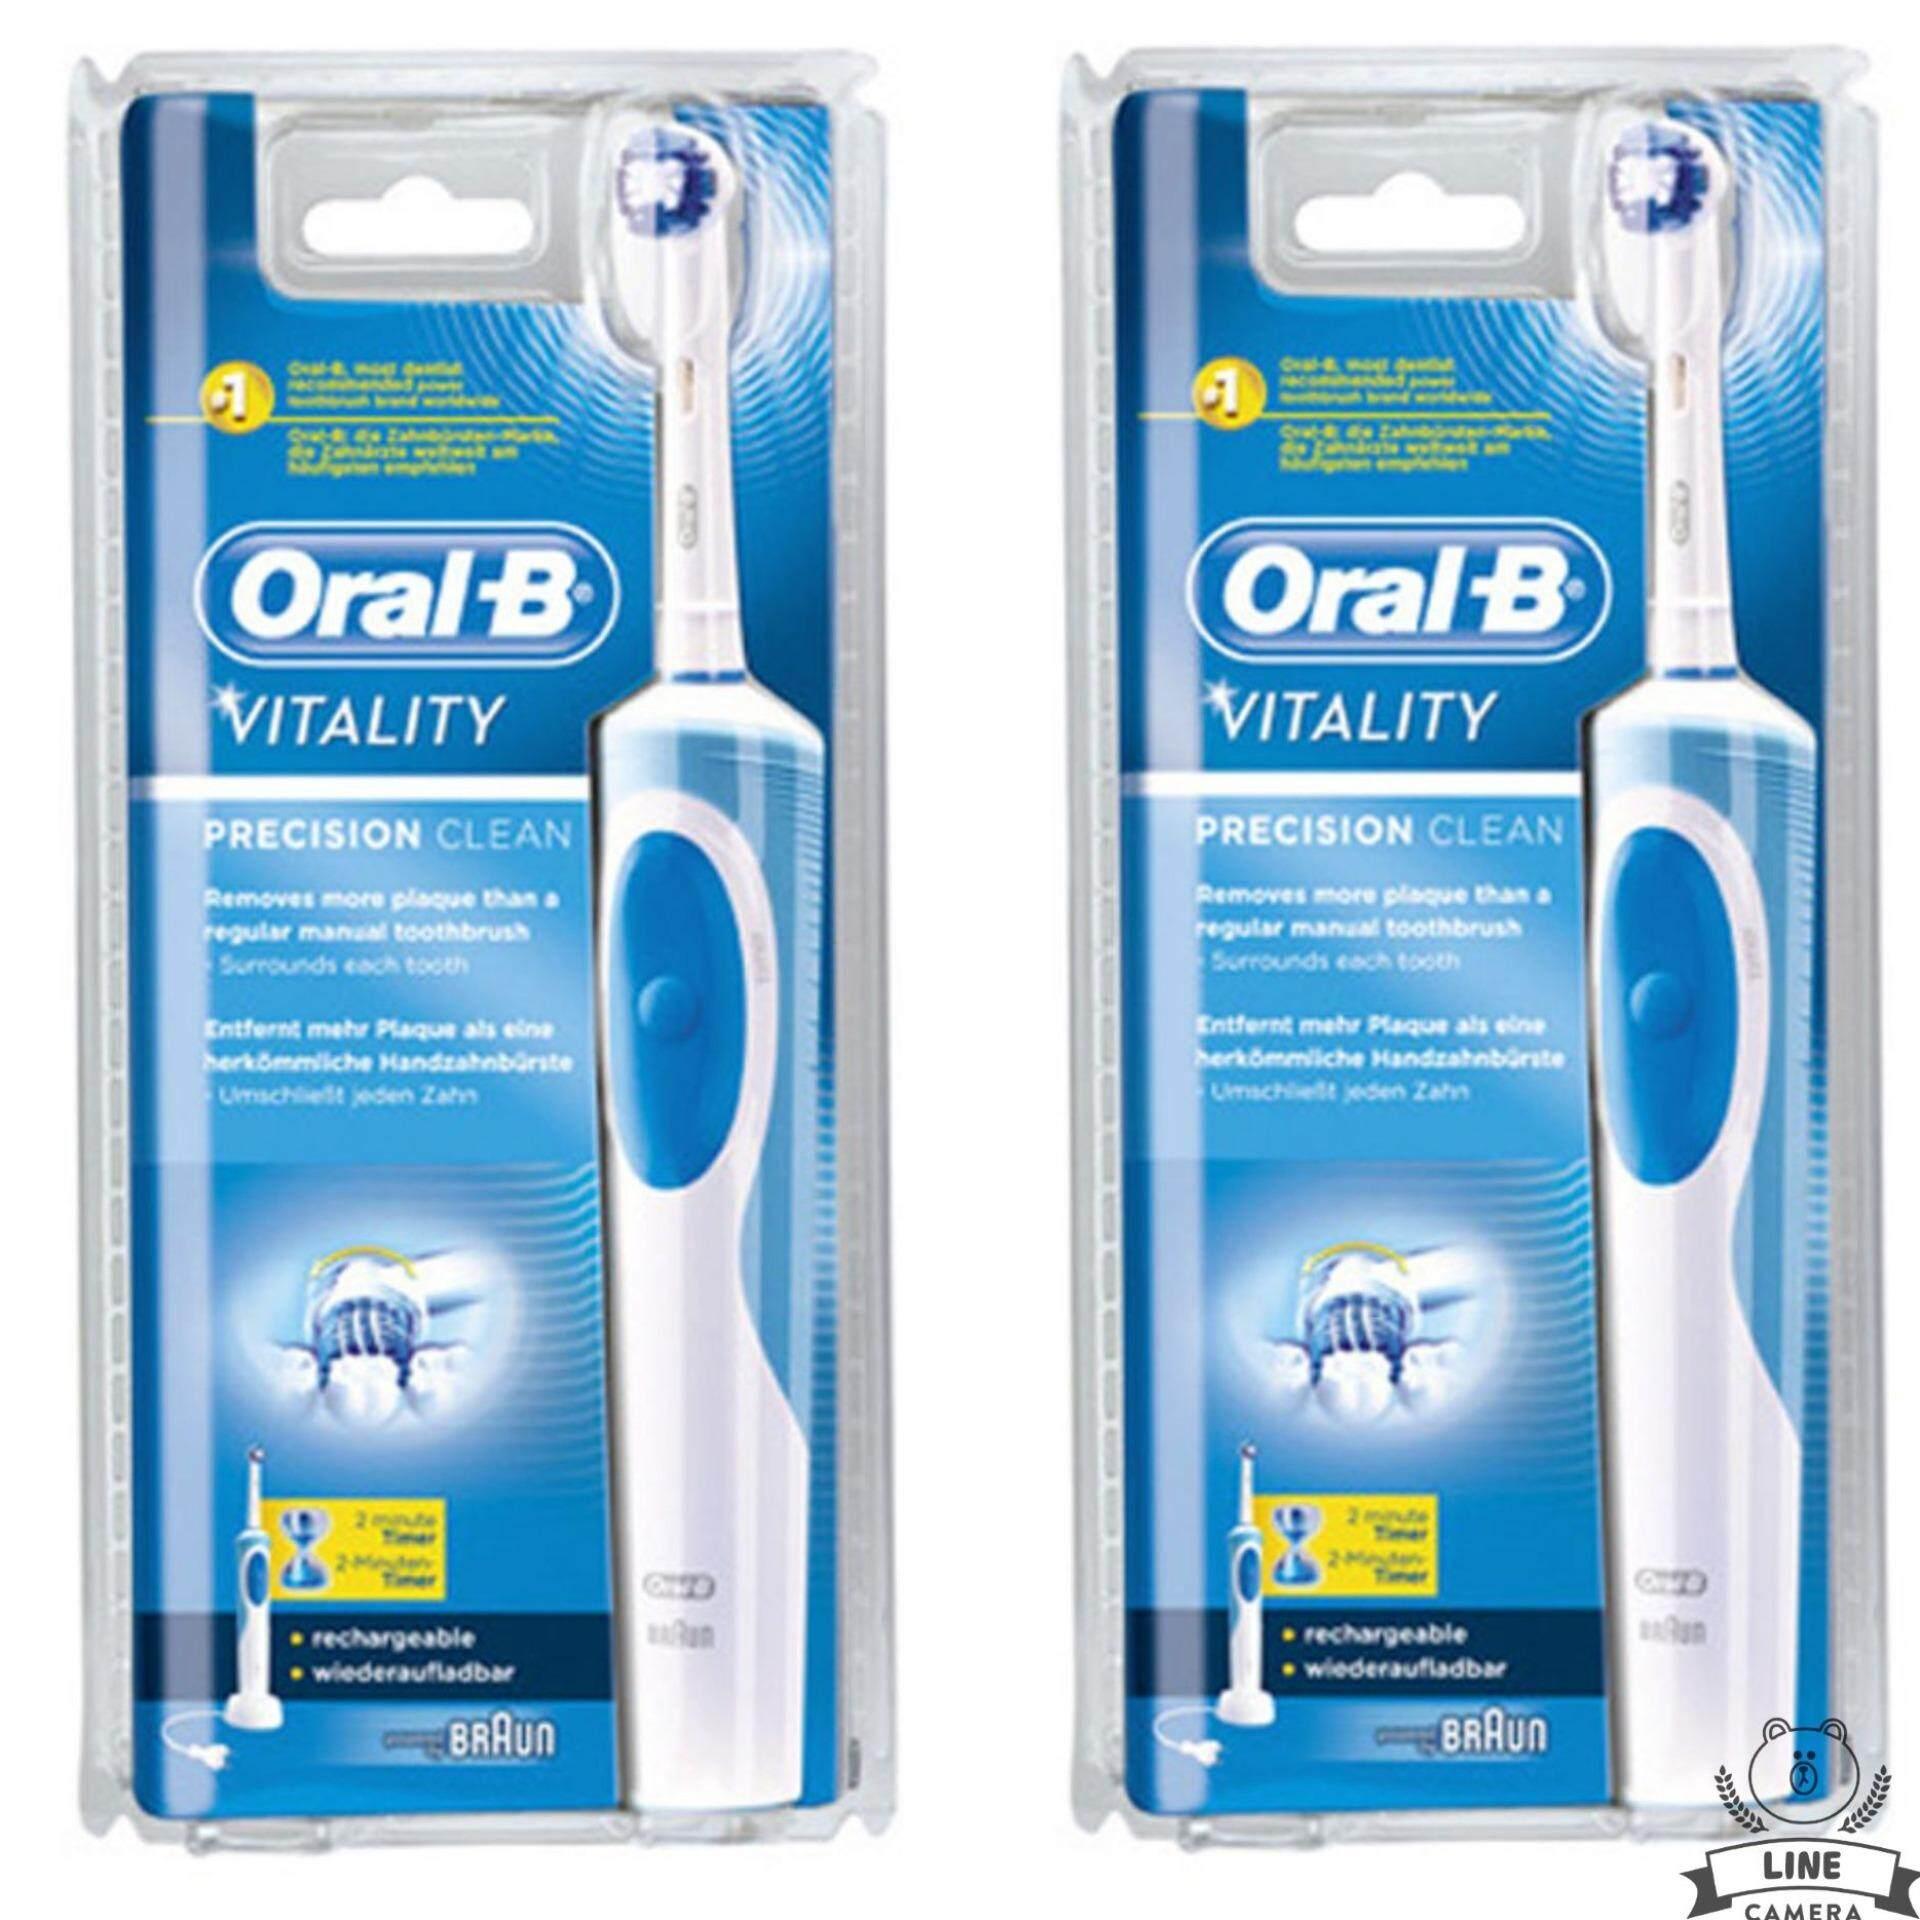 แปรงสีฟันไฟฟ้าเพื่อรอยยิ้มขาวสดใส ชัยนาท แปรงสีฟันไฟฟ้า Oral B Vitality Precision clean แพค 2 ด้าม